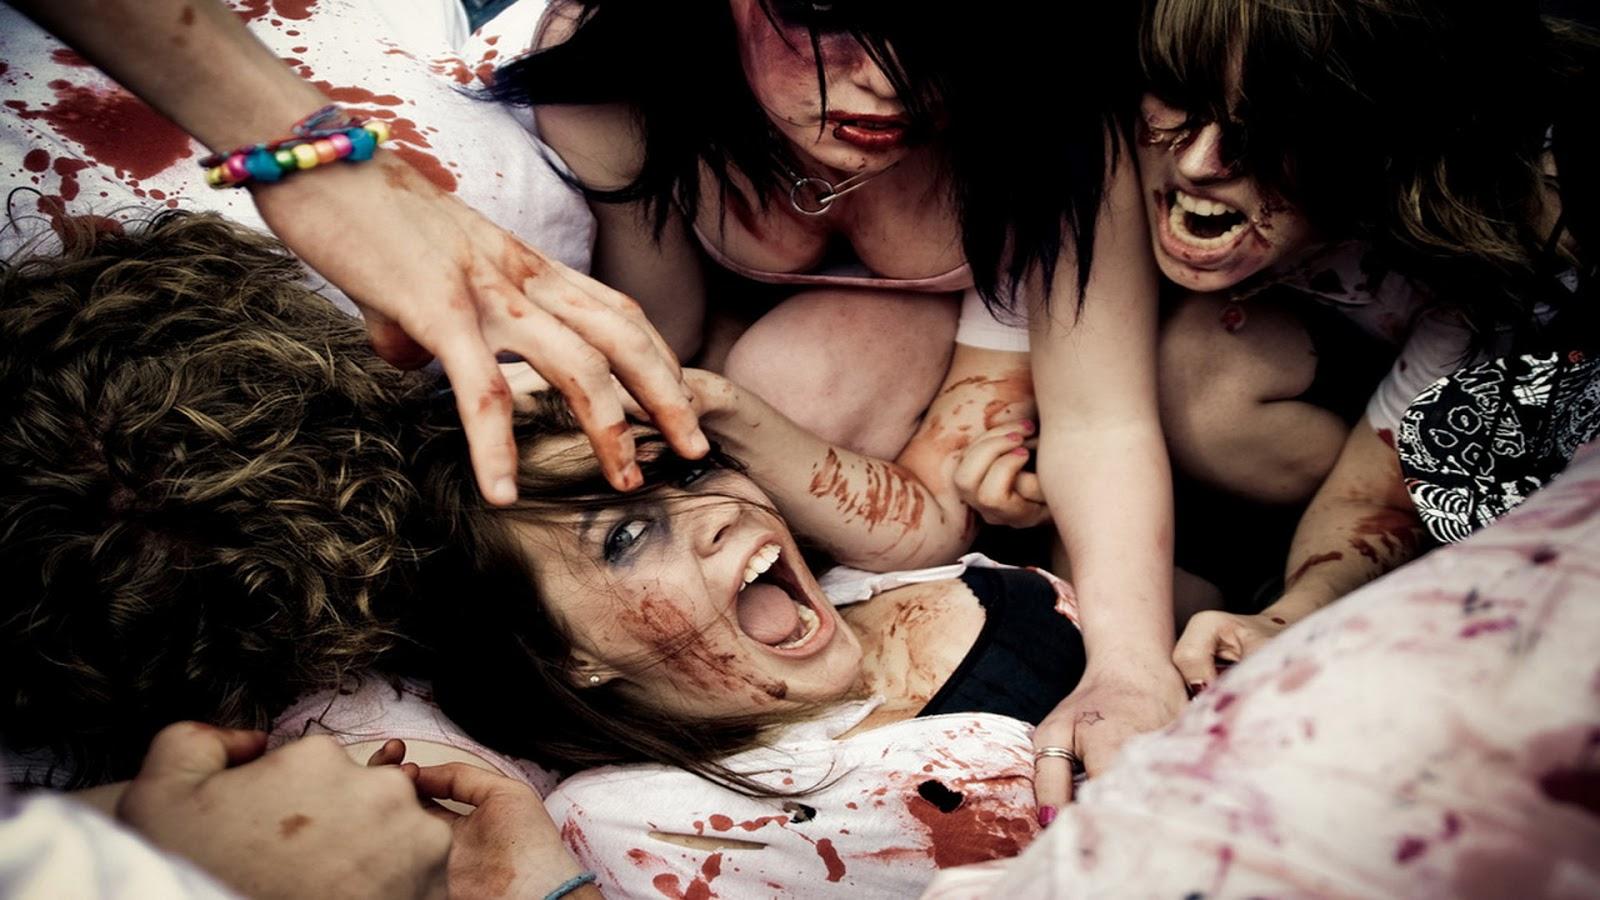 Смотреть бесплатно и без регистрации унижения женщин 27 фотография